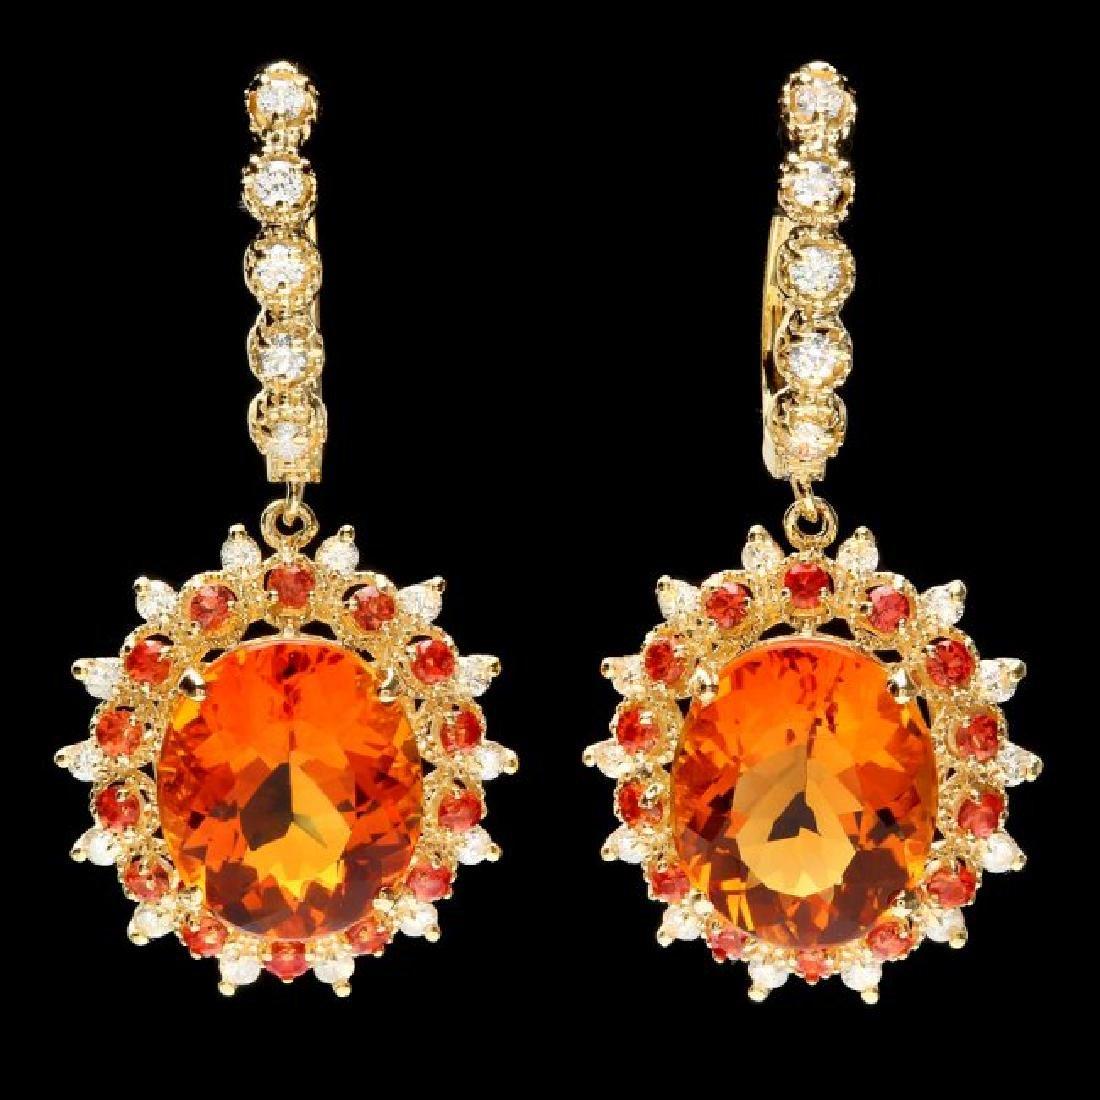 14k Gold 11ct Citrine 0.85ct Diamond Earrings